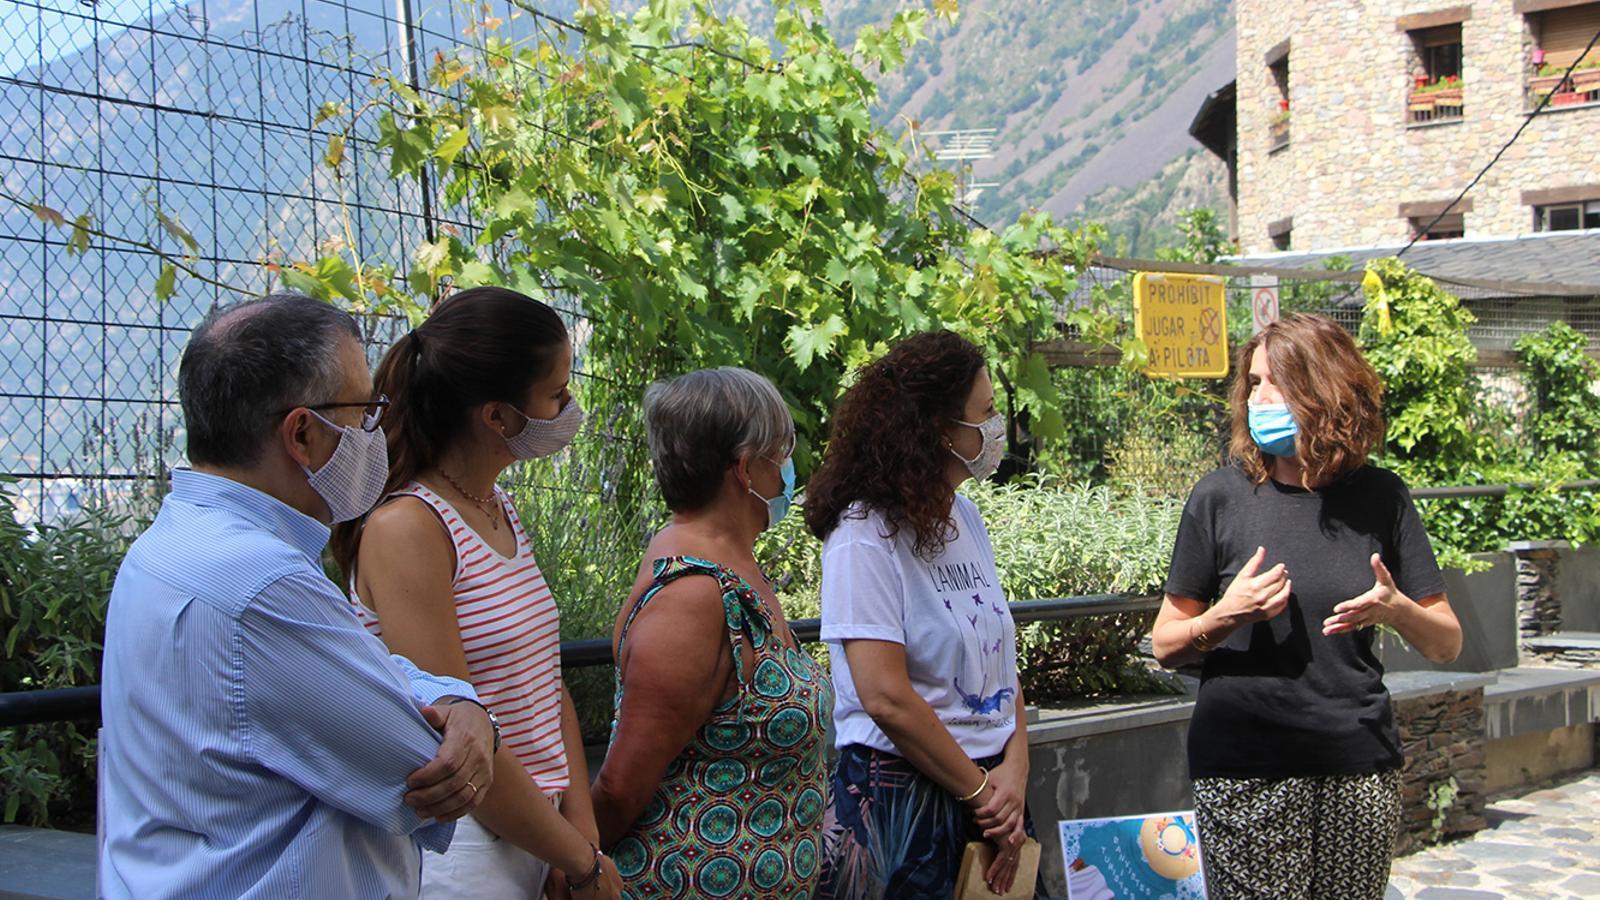 El conseller de Vida Cultural i Aparcaments d'Escaldes-Engordany, Valentí Closa; dues actrius; la directora artística de l'espectacle, Irina Robles, i la cap del departament de Cultura, Anna Garcia. / M. F. (ANA)